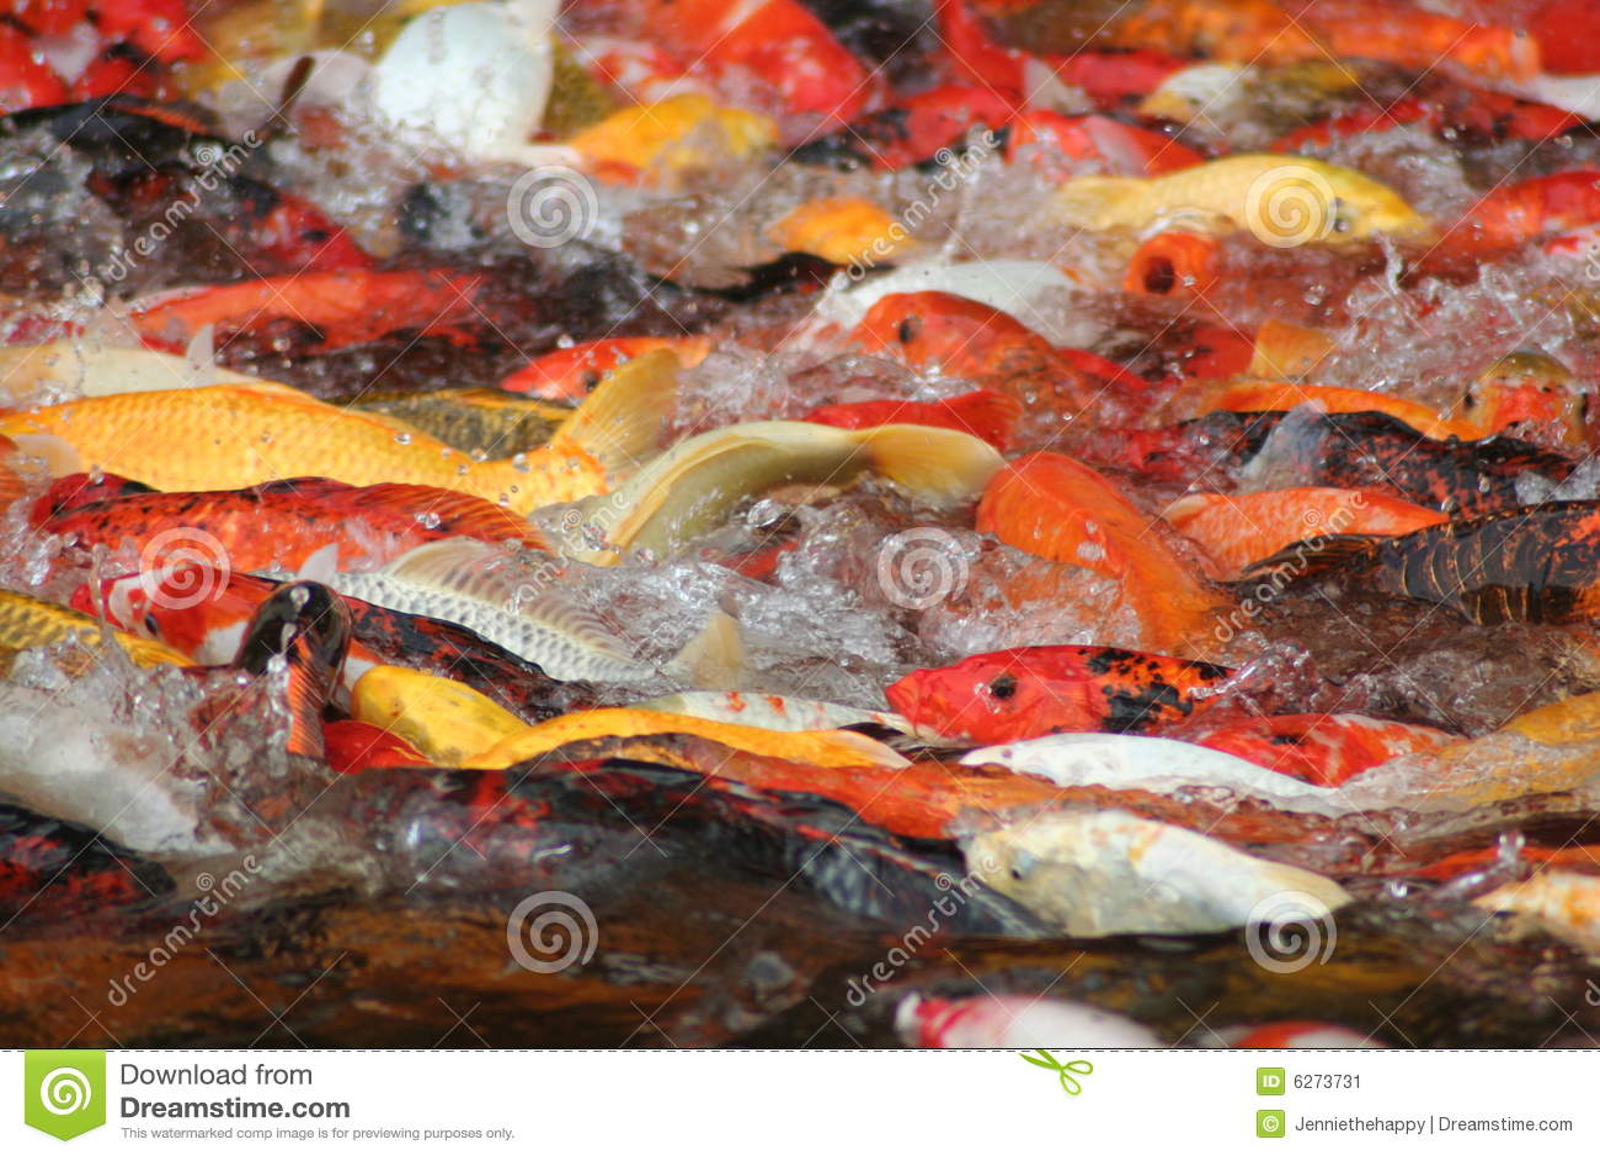 Koi spritzen sie stockbild bild von japan ffnung for Koi und goldfische zusammen